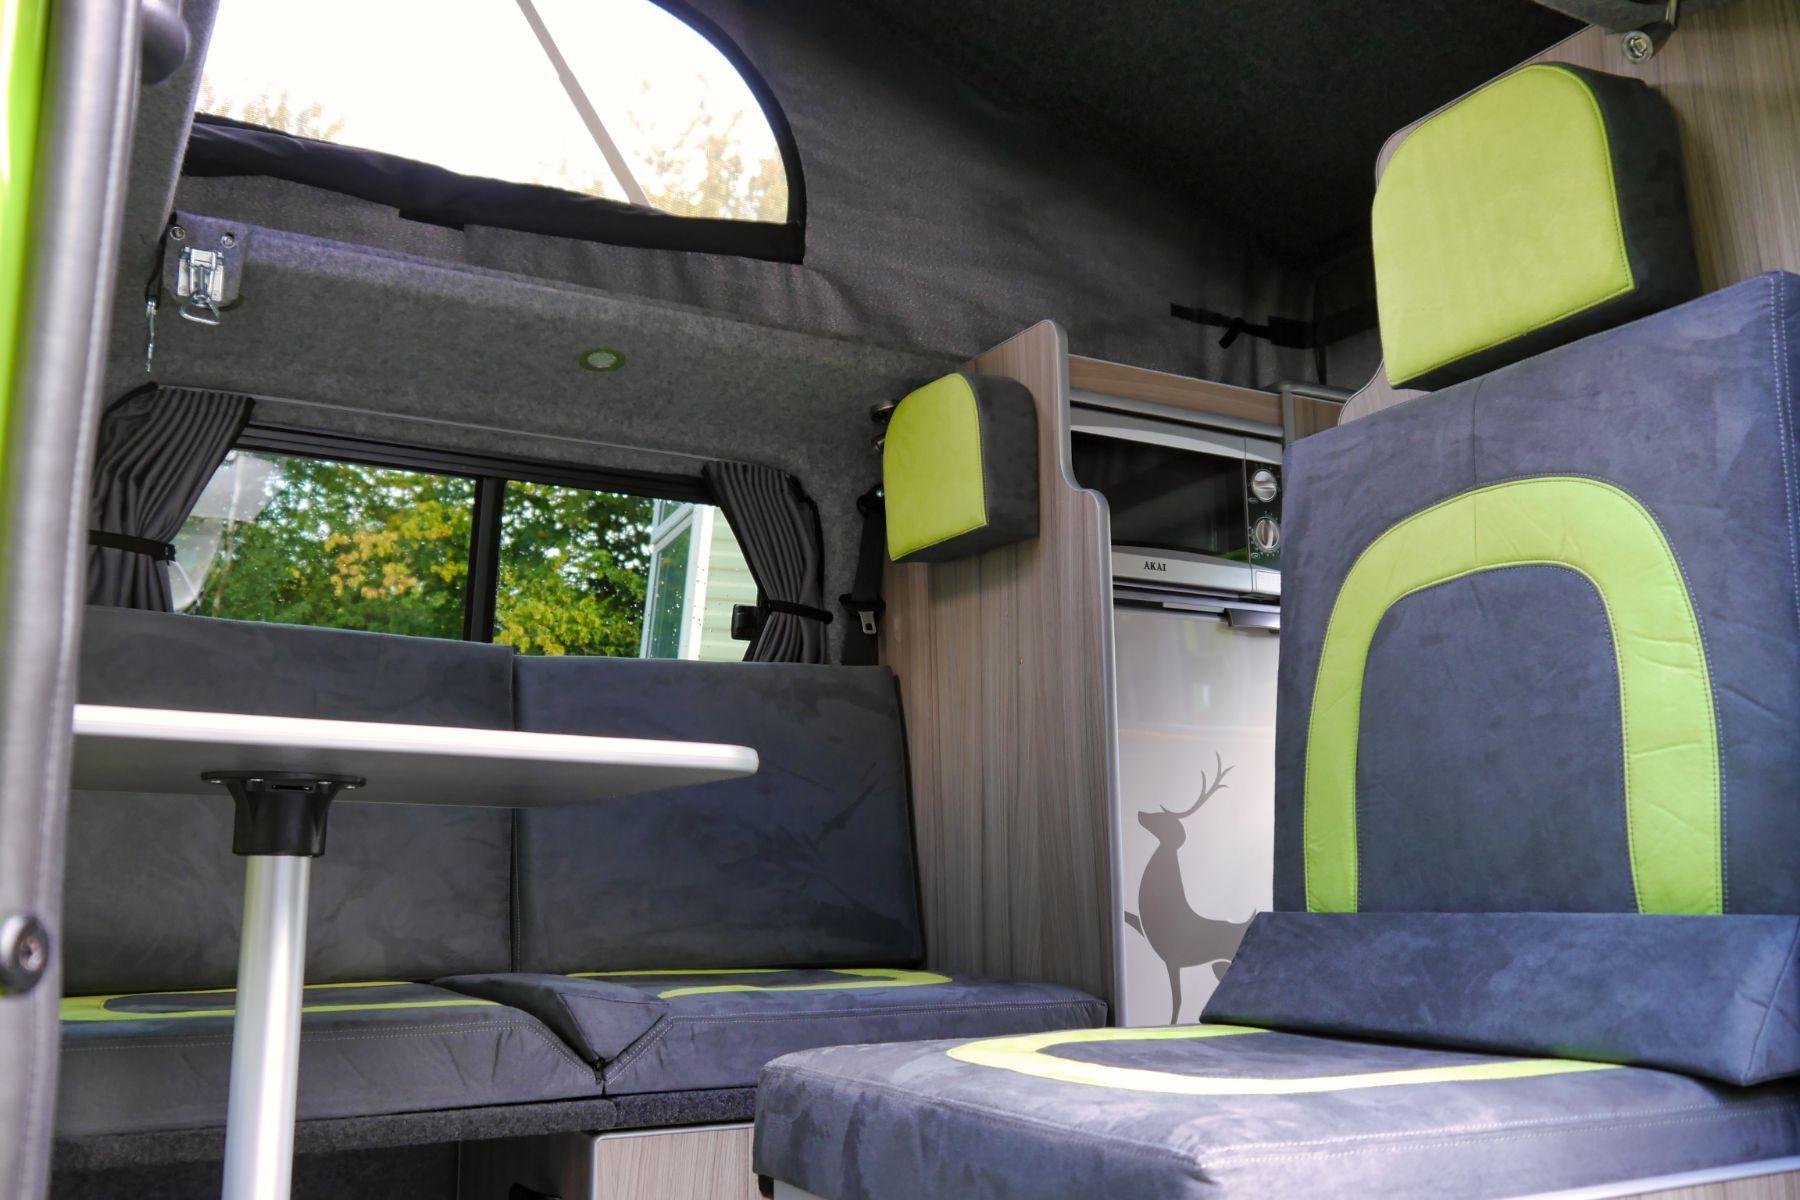 Nissan Paradise Campervan | Rear Kitchen | Sussex Campervans